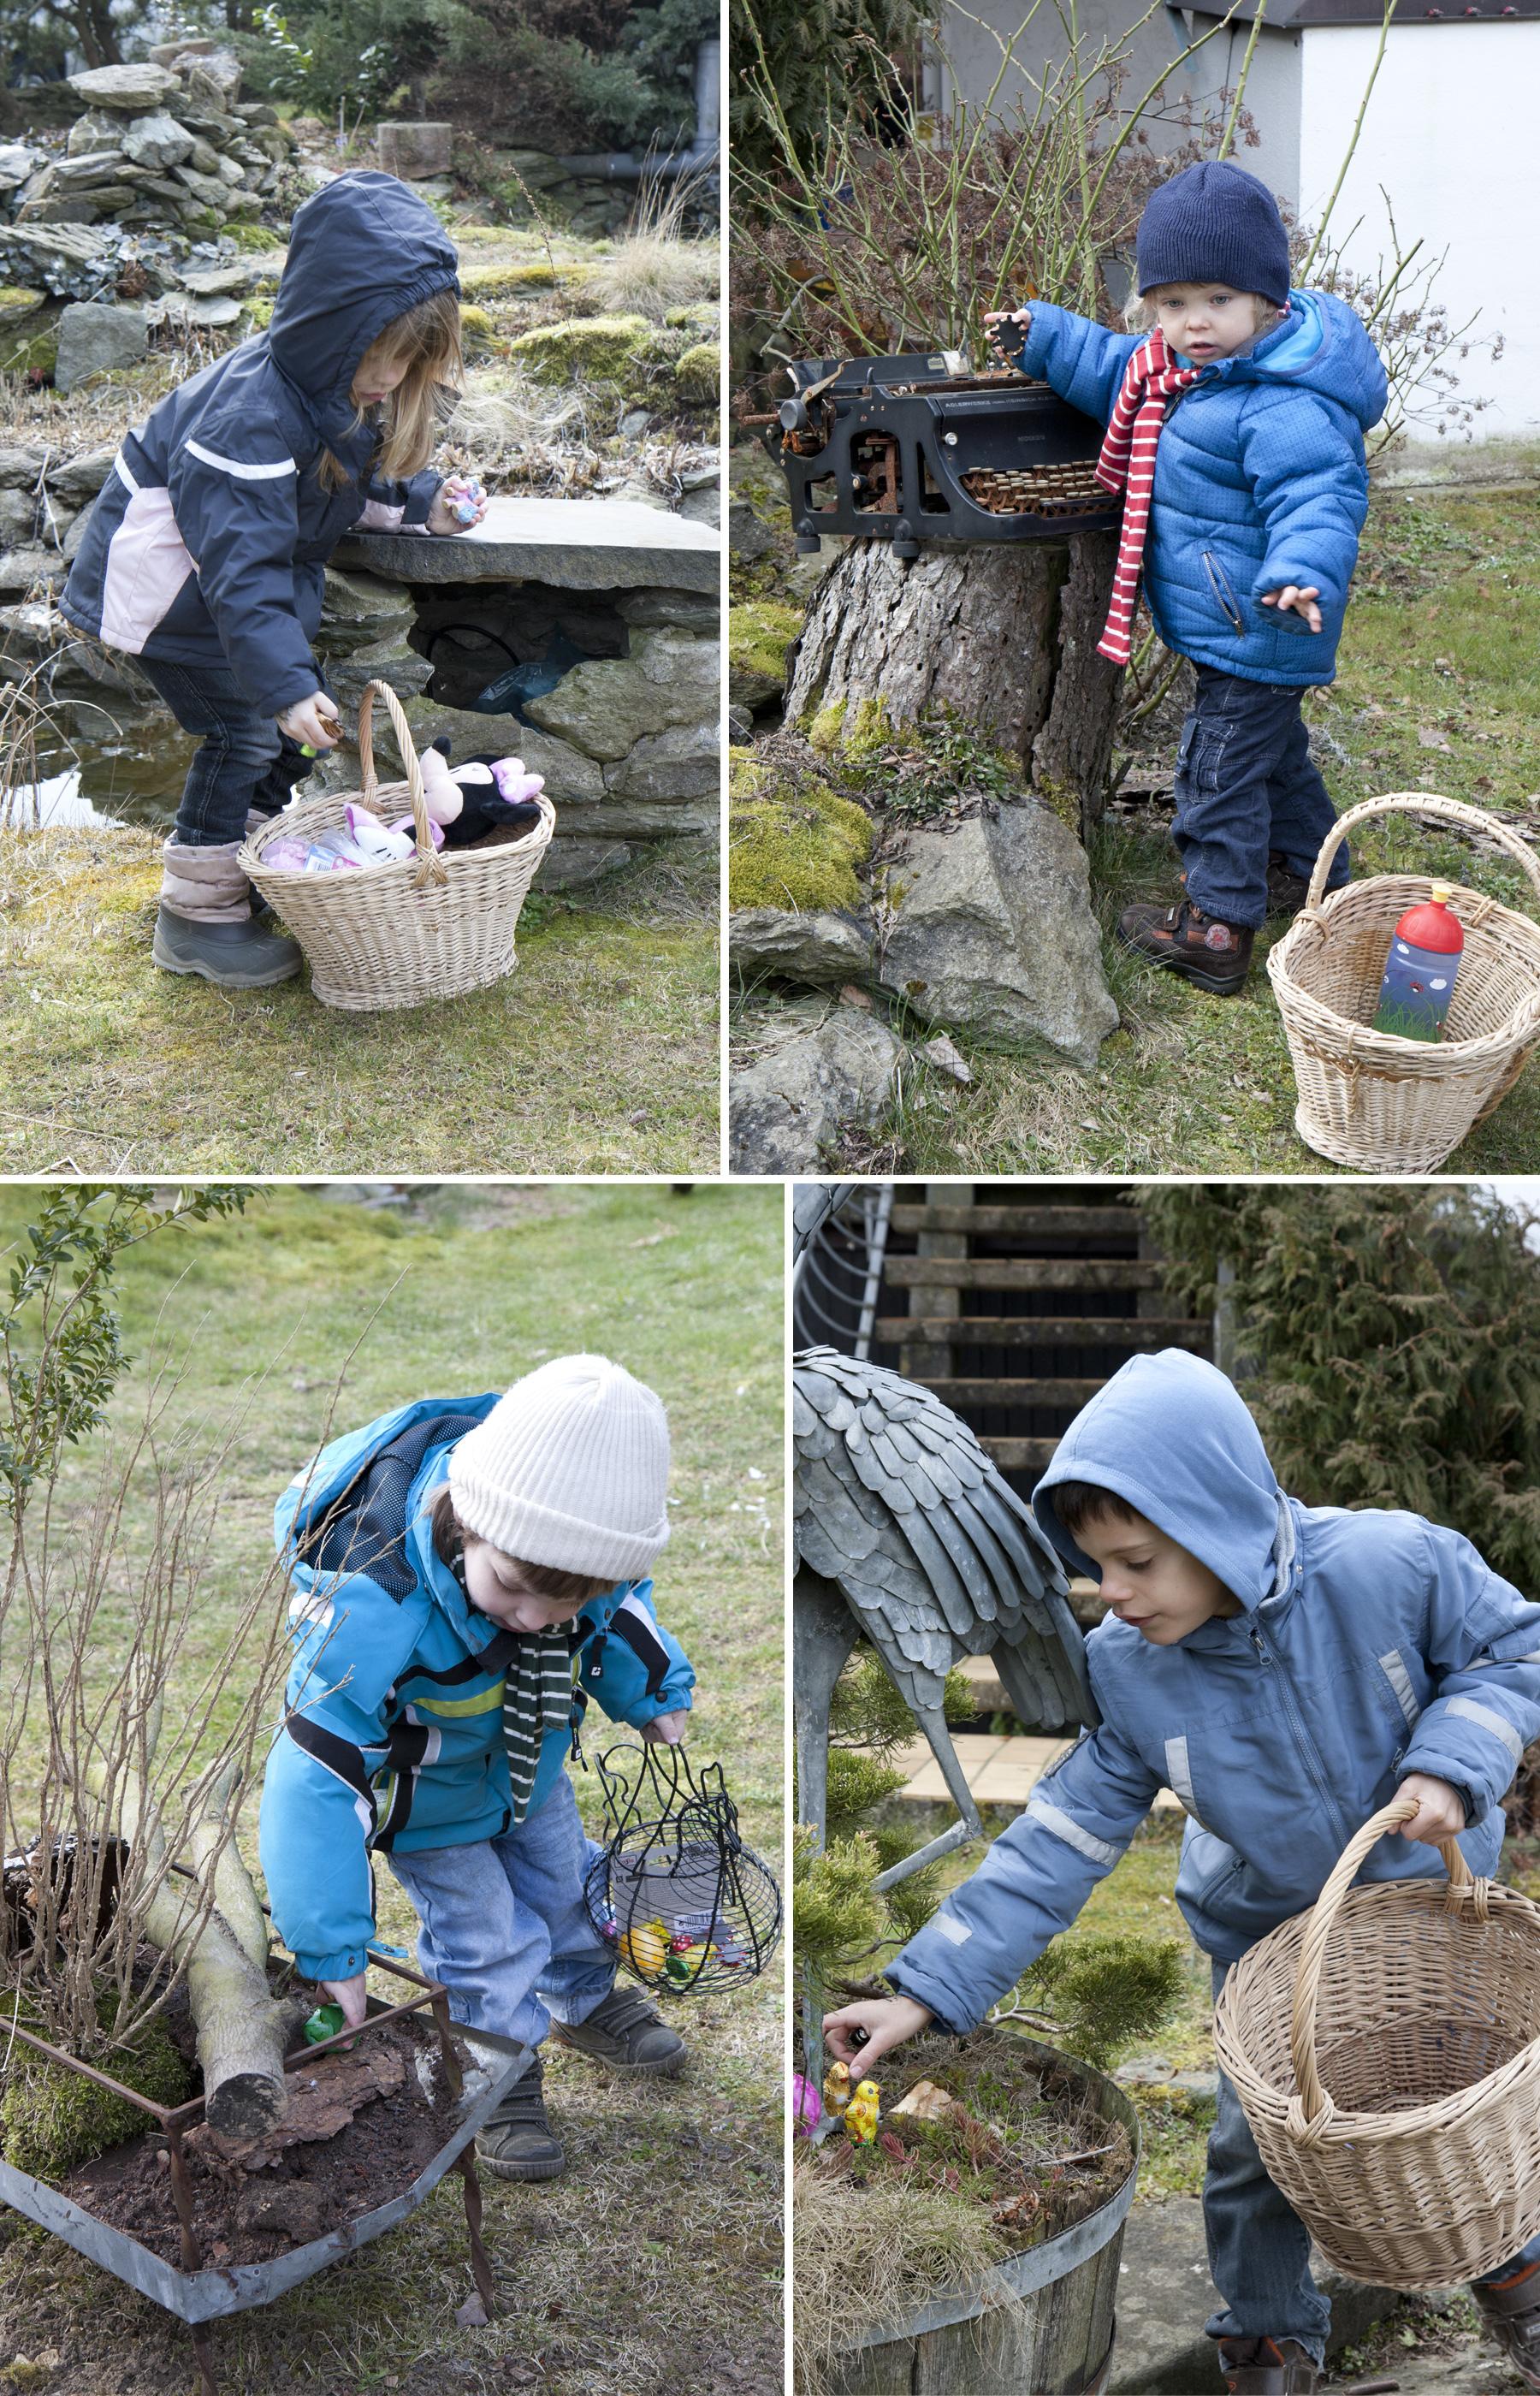 Alle vier mächtig beschäftigt beim Einsammeln der Ostereier und Hasen.